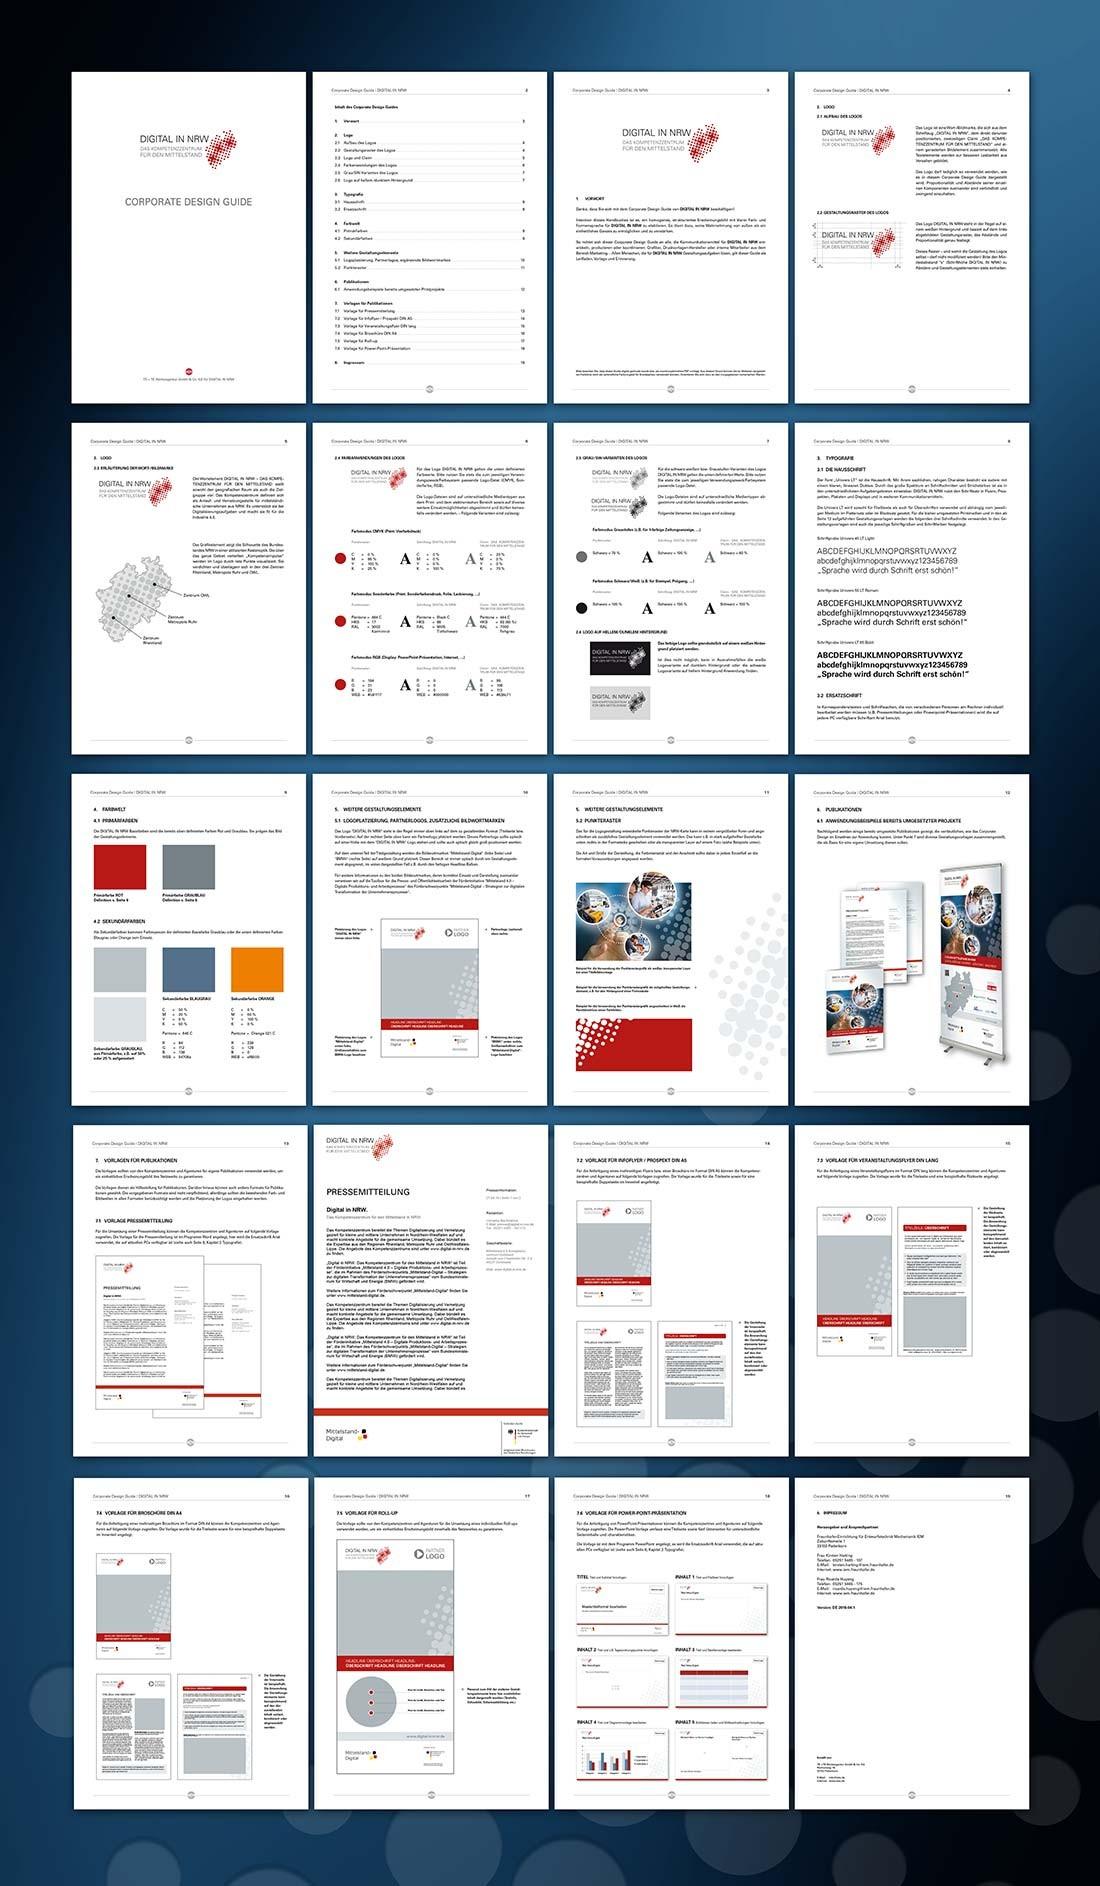 Design Manual als Grundlage für alle Medien